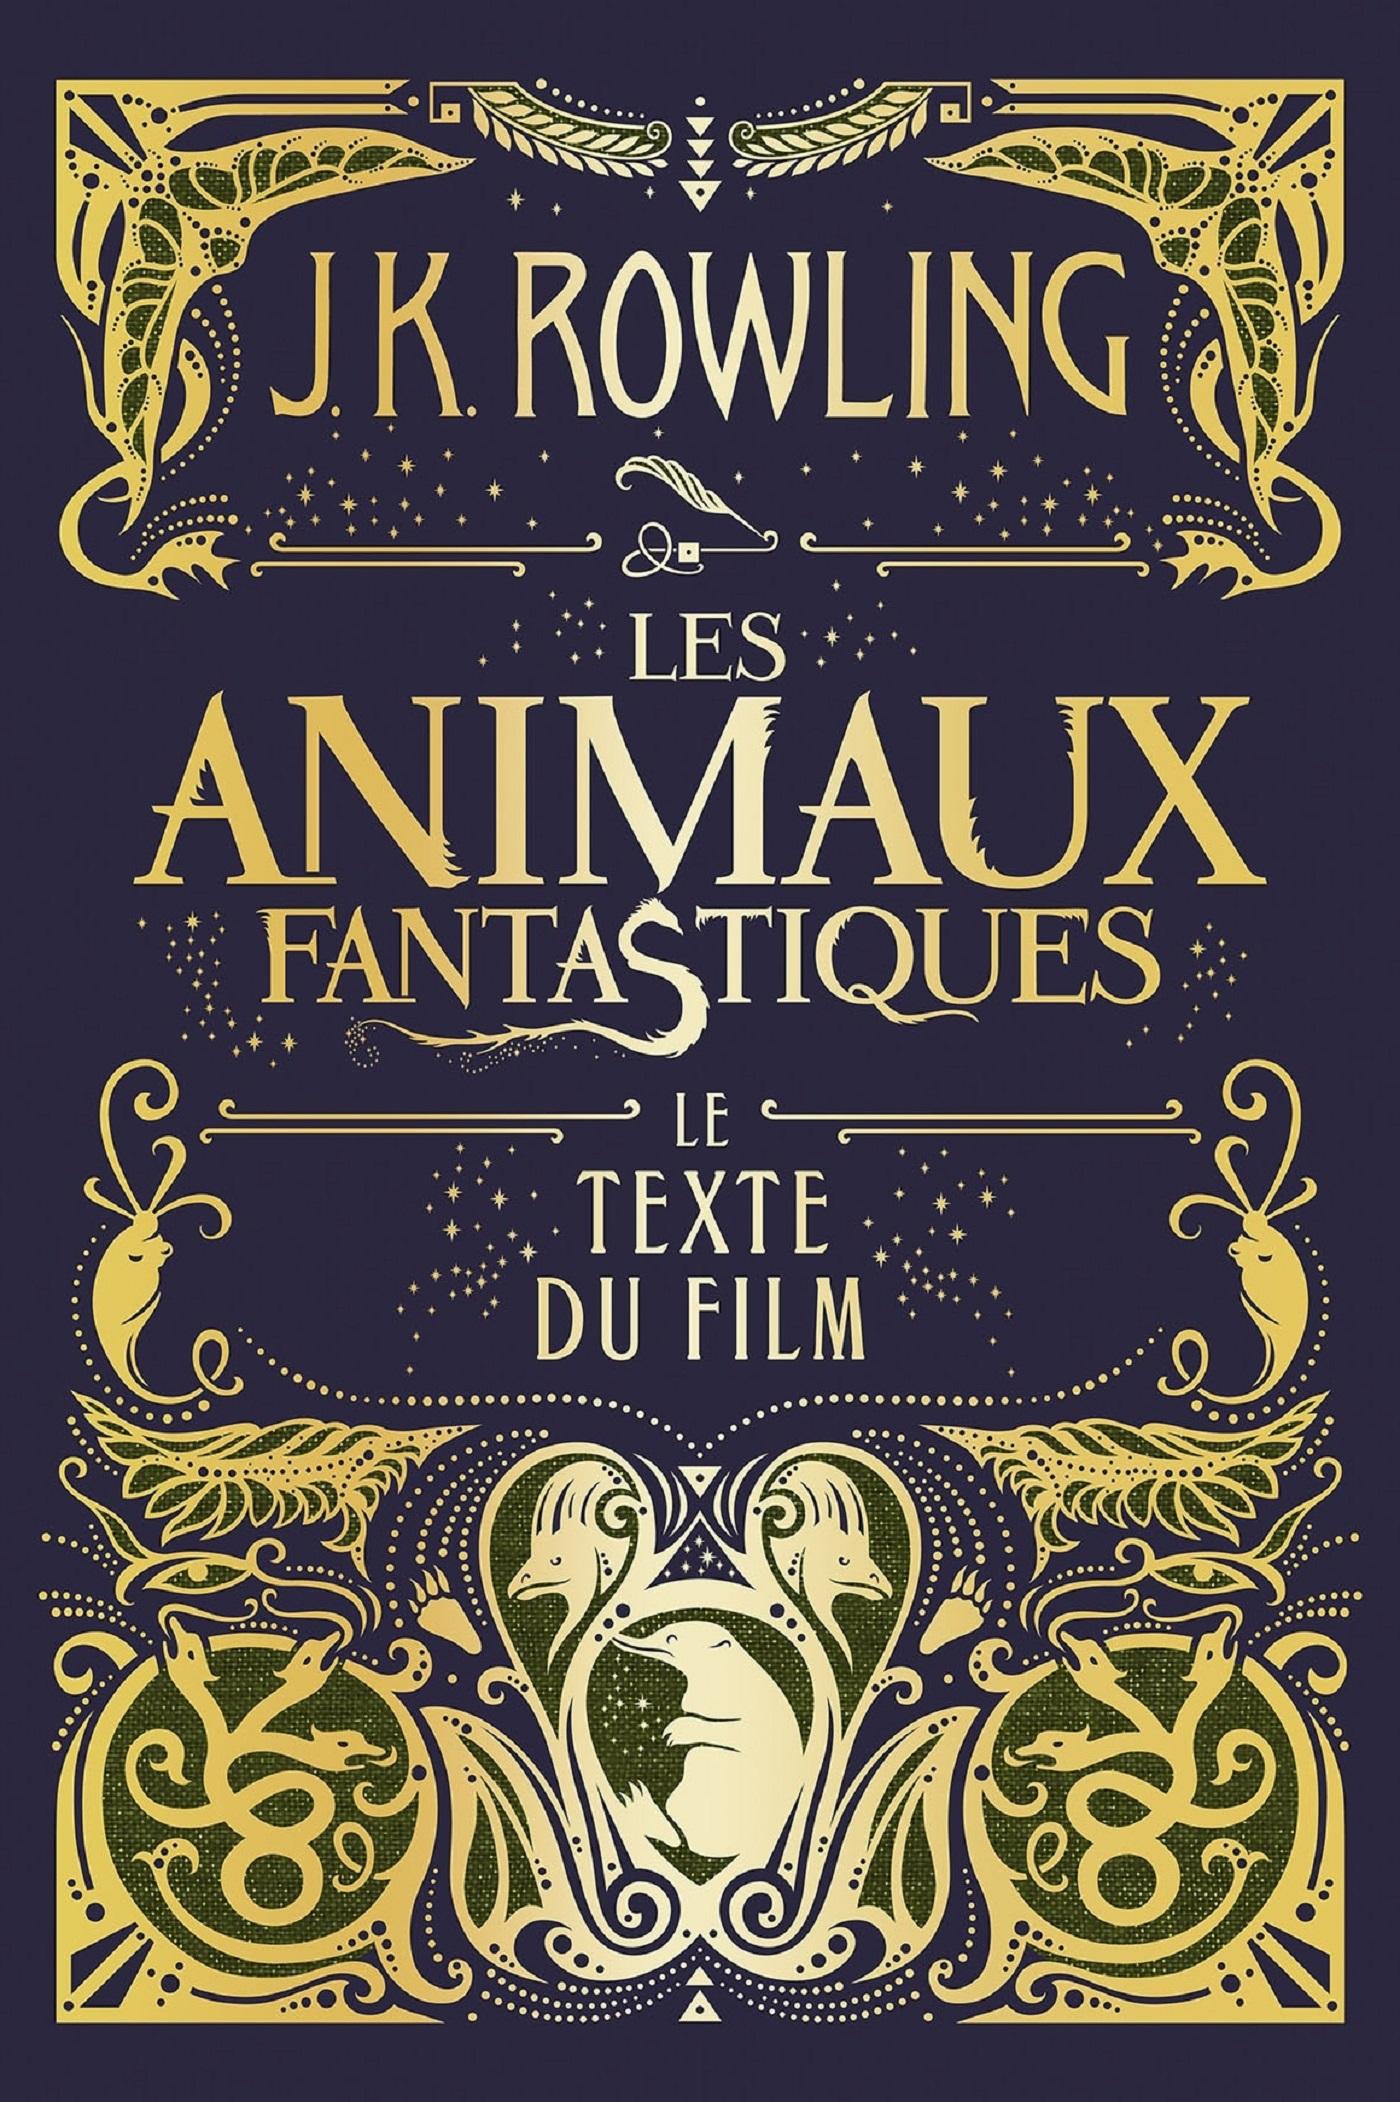 Couverture : Les animaux fantastiques : le texte du film Joanne Kathleen Rowling